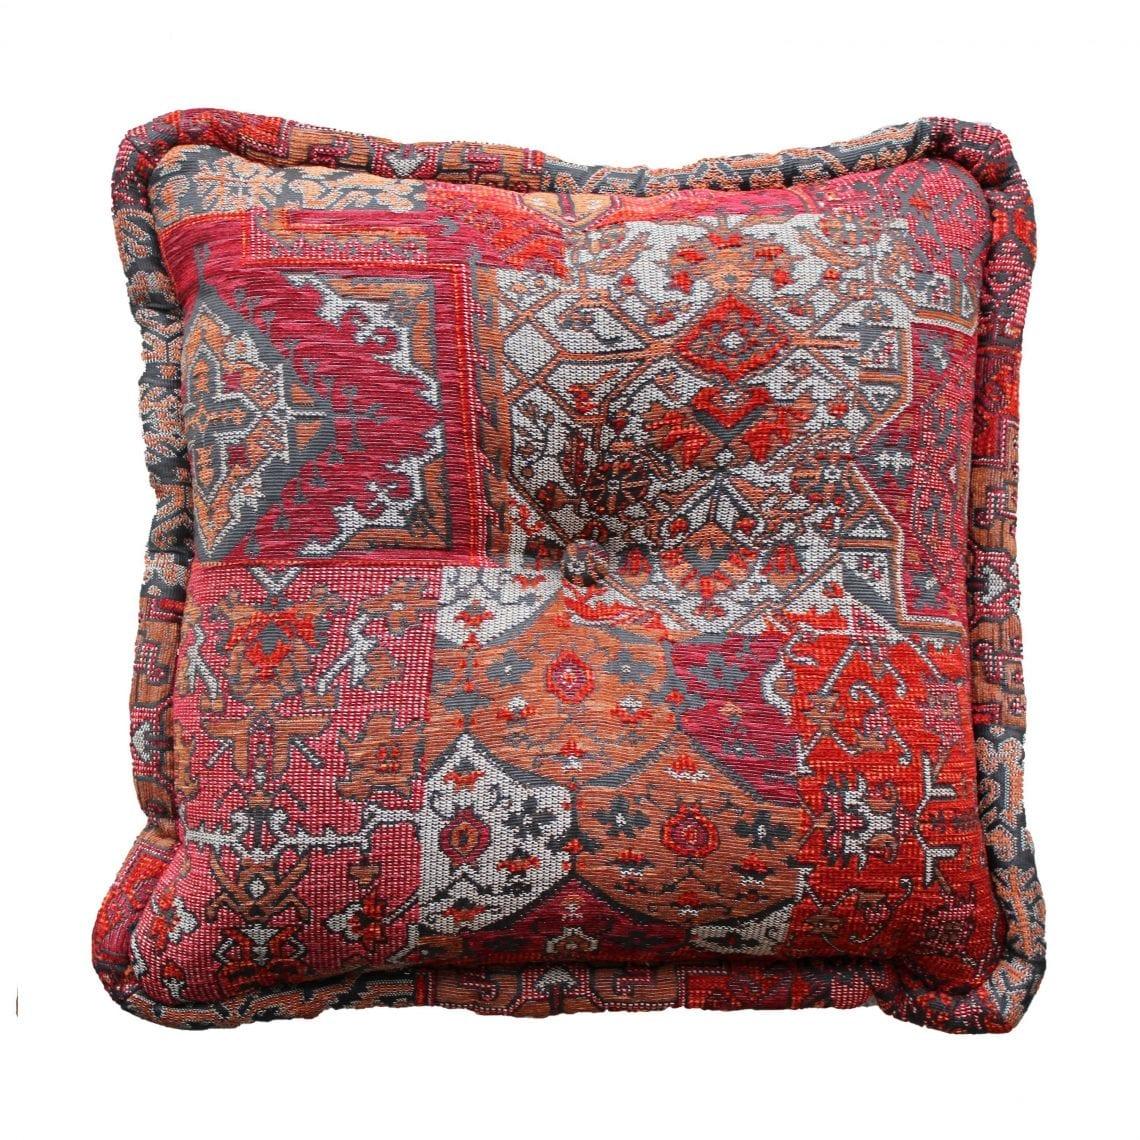 De Oosterse stof Setenta rood uit onze Casablanca collectie is zeer geschikt voor een groot kussen.